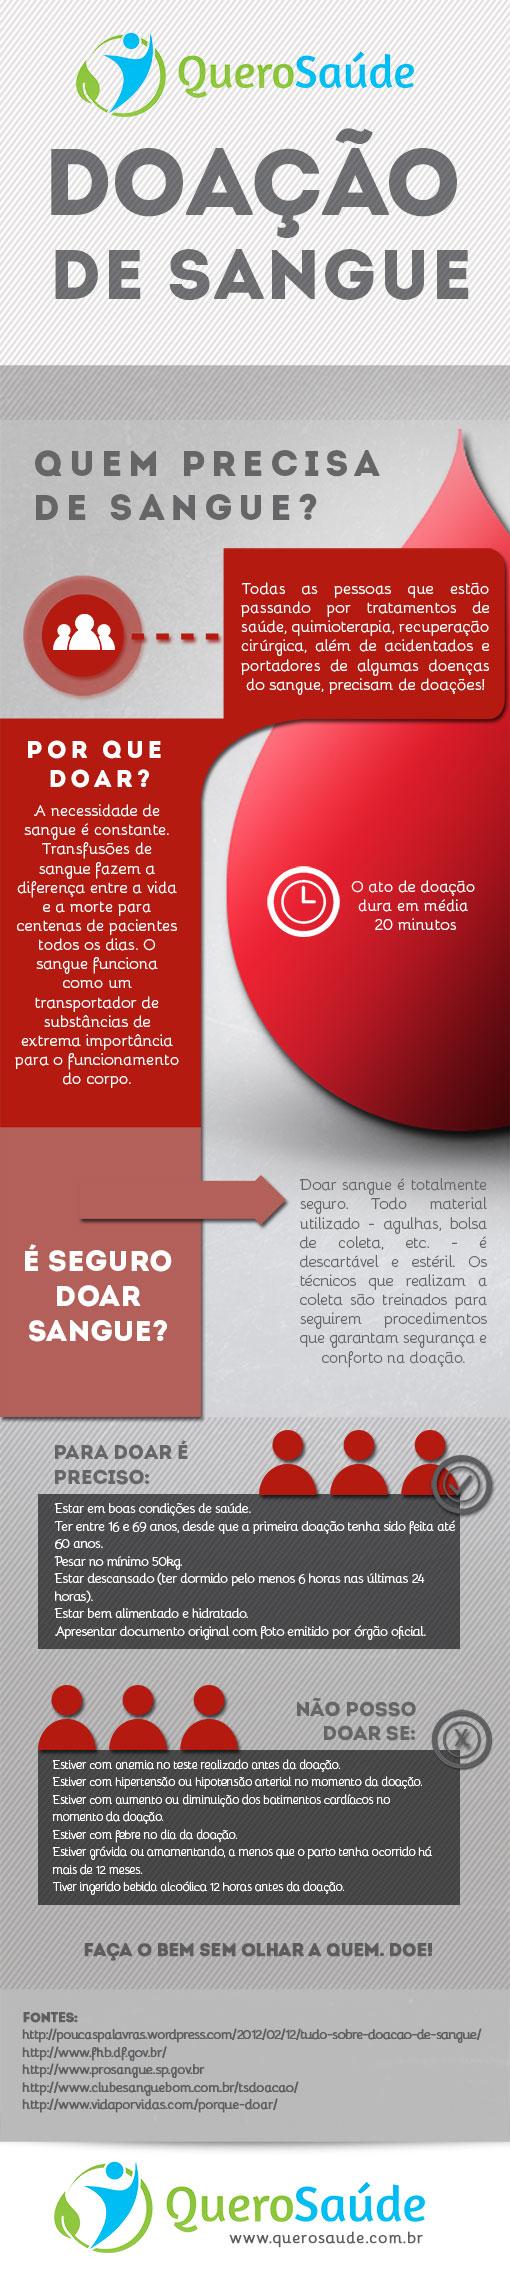 Doação de Sangue - Infográfico